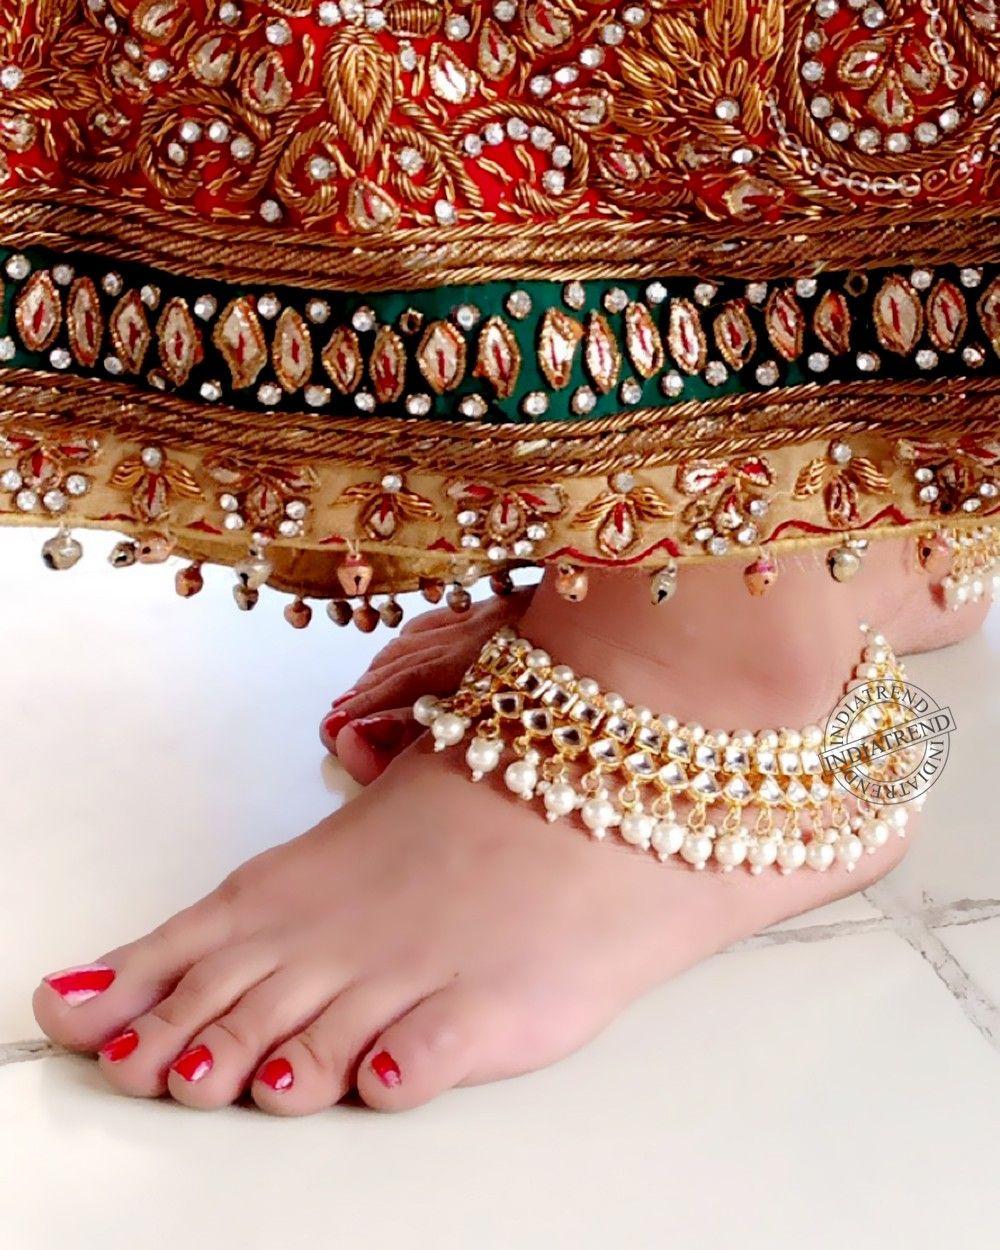 Фото индийских девушек пальчики на ногах, частное на девушек льется сперма